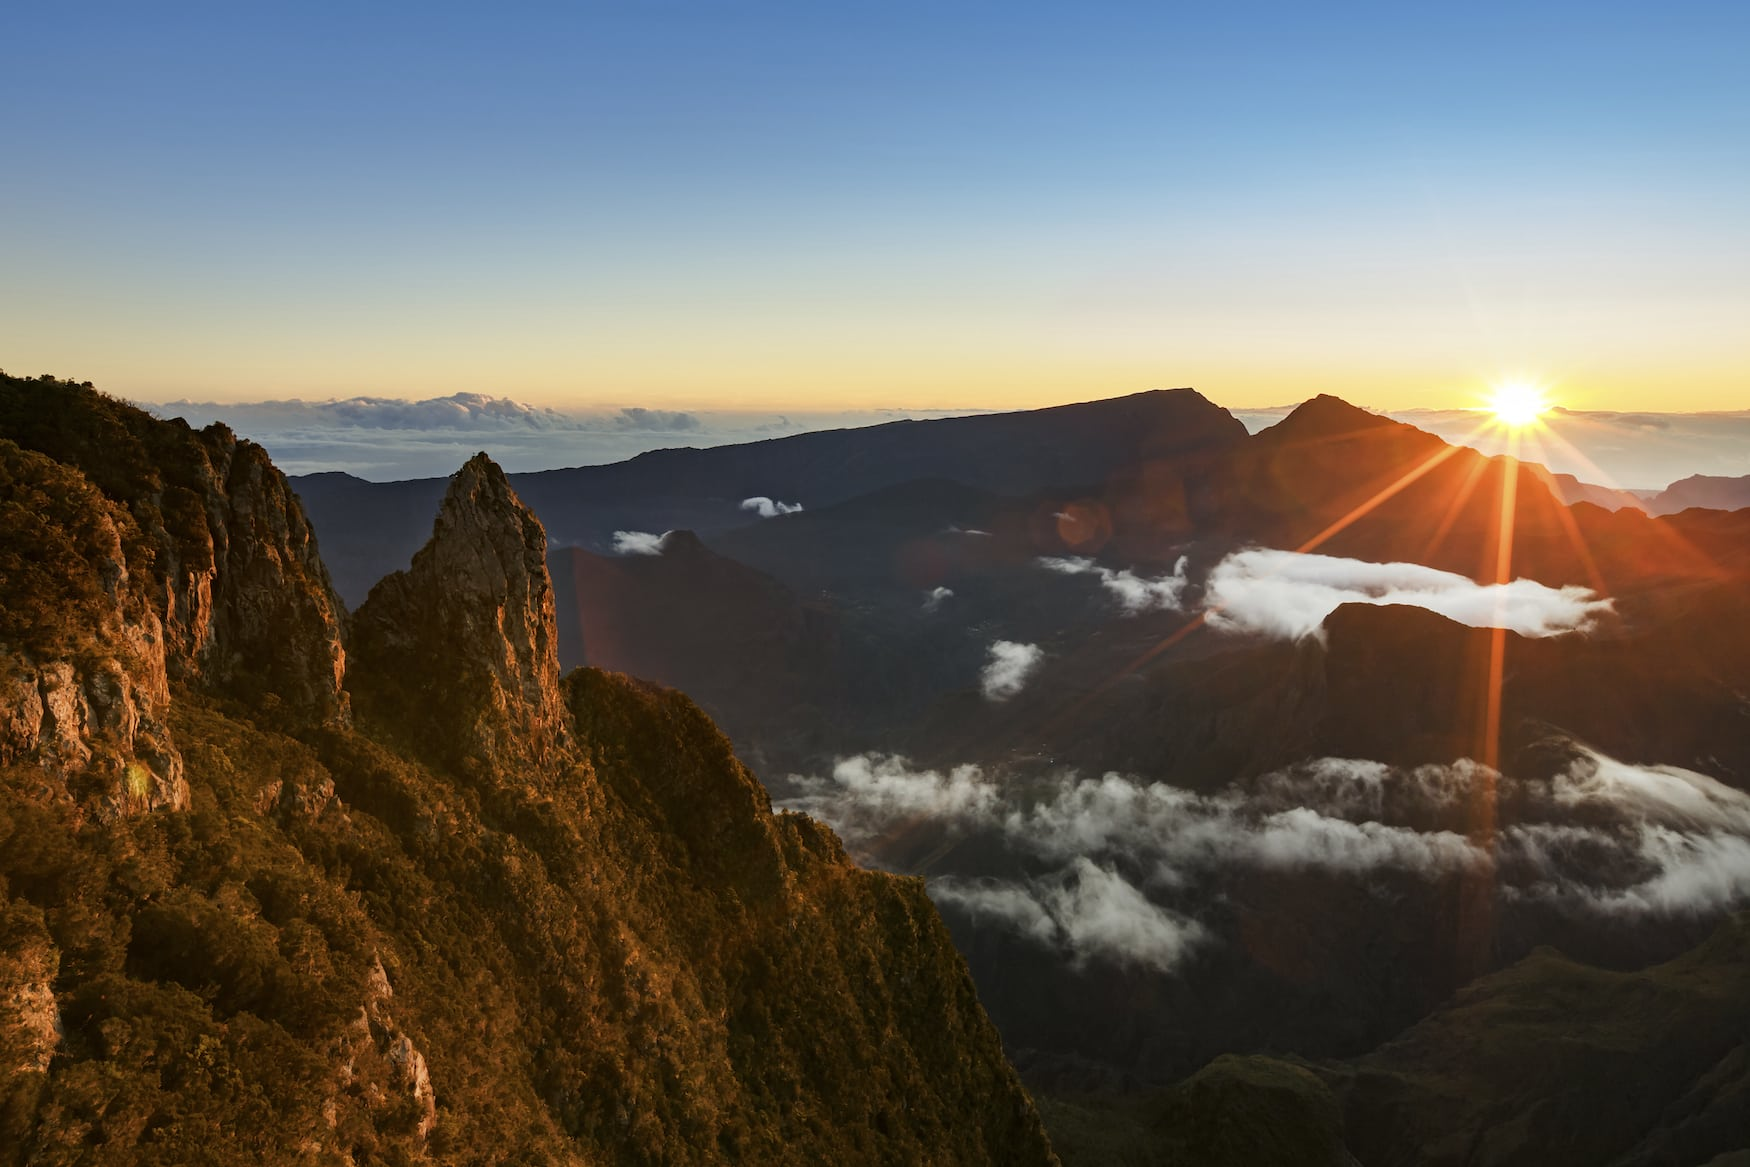 Sonnenaufgang über einem Gebirge auf La Réunion, wo es sich prima wandern lässt